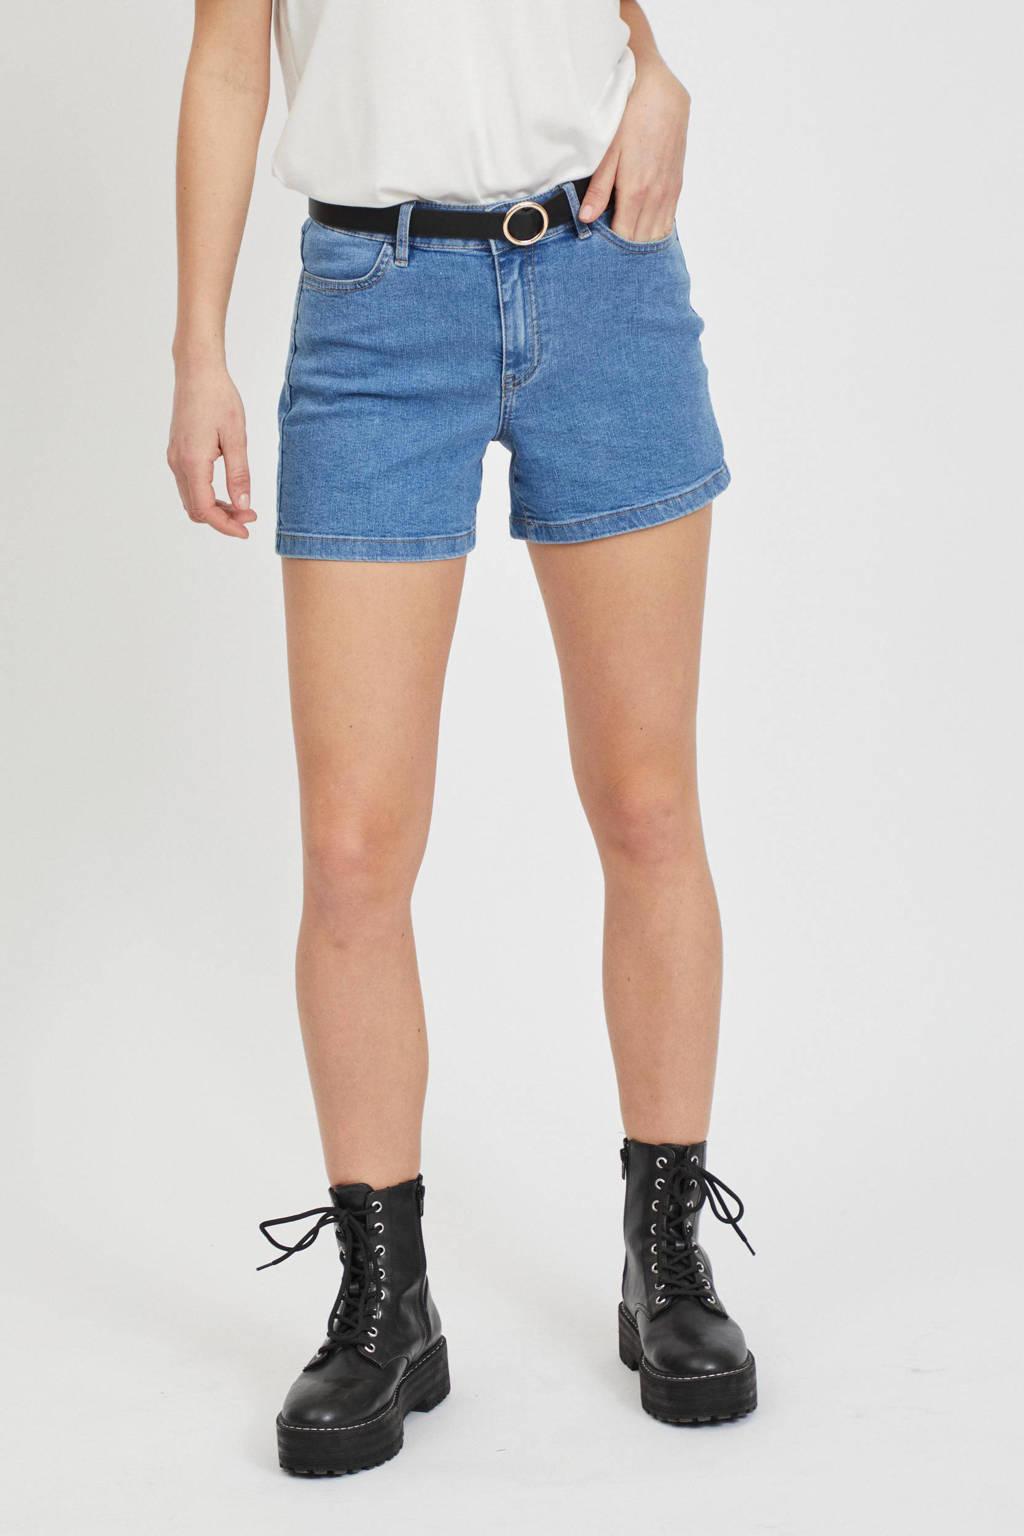 VILA jeans short VIDINIA medium blue denim, Medium blue denim